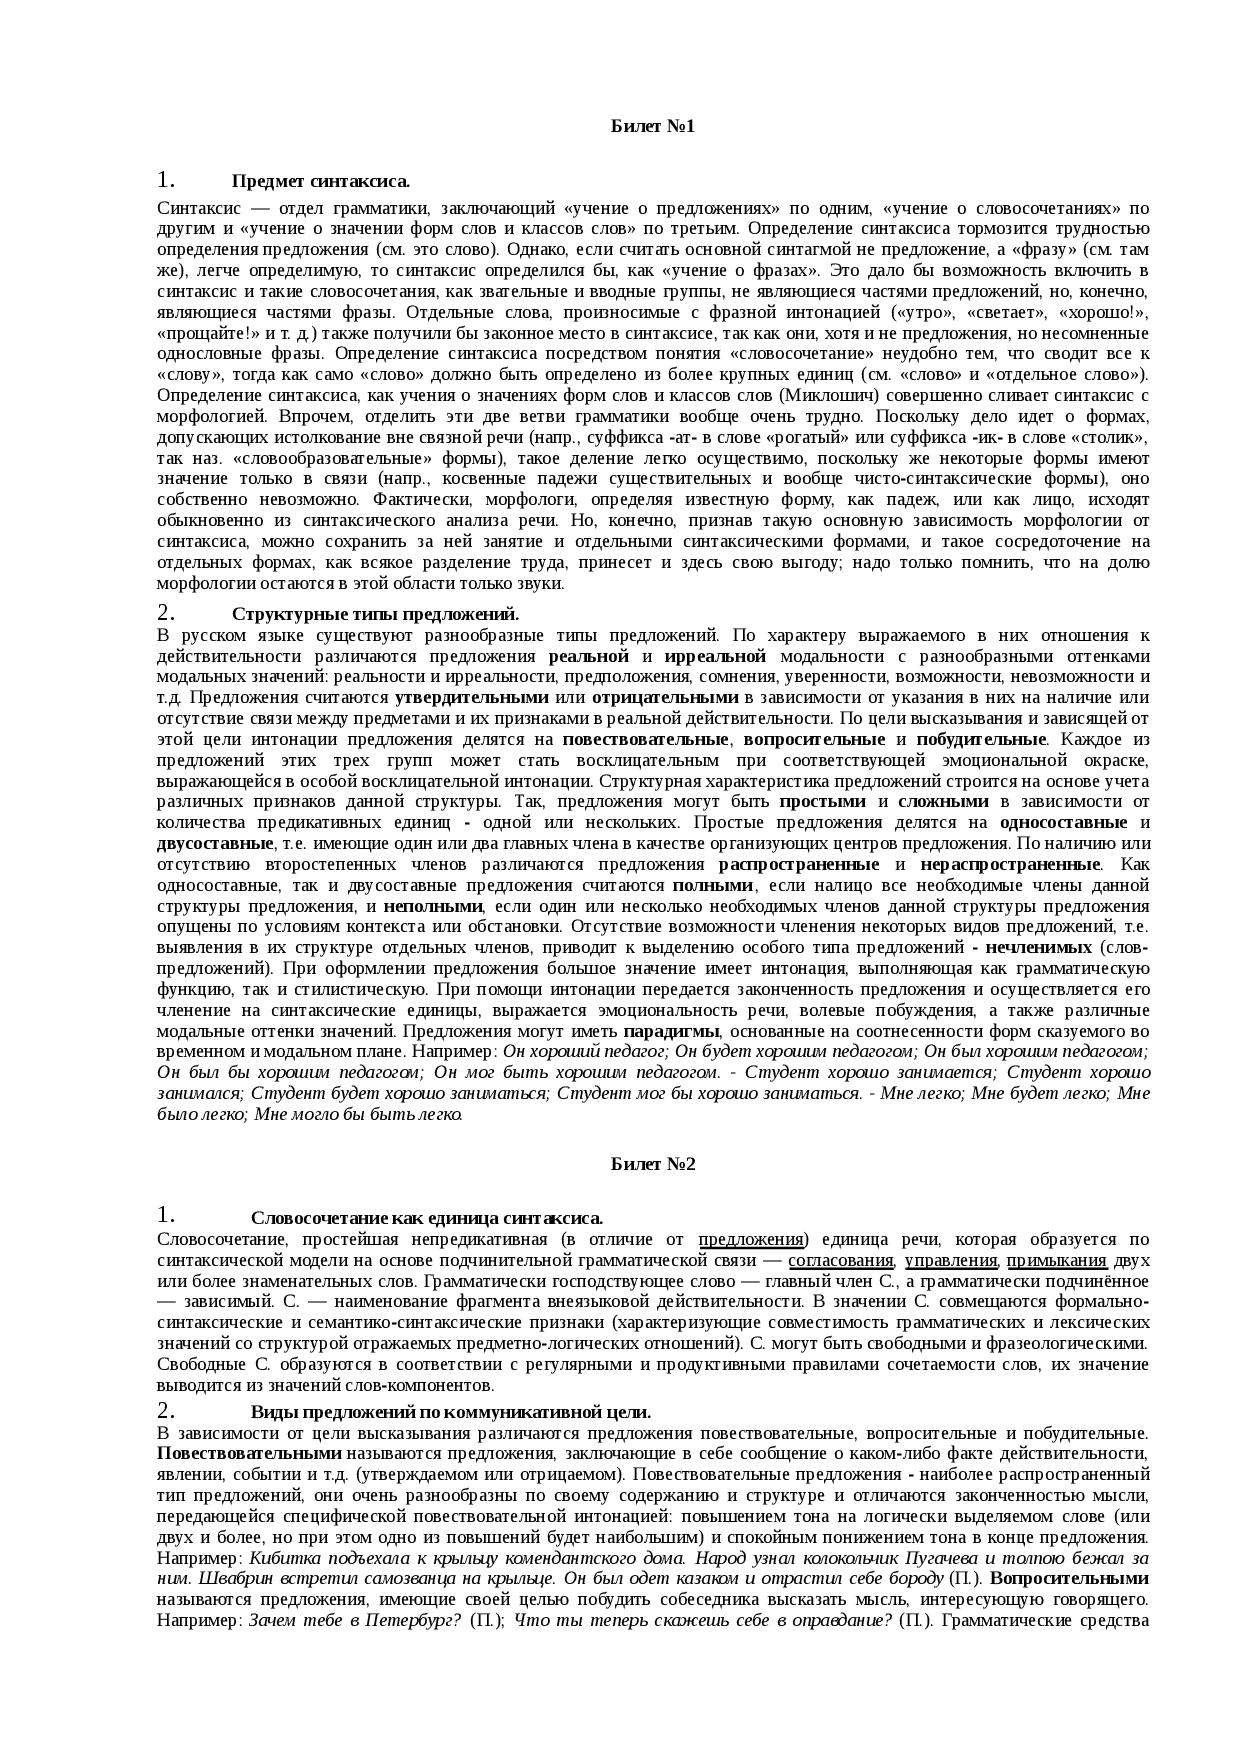 Половой член: строение, физиология и функции пениса мужчины